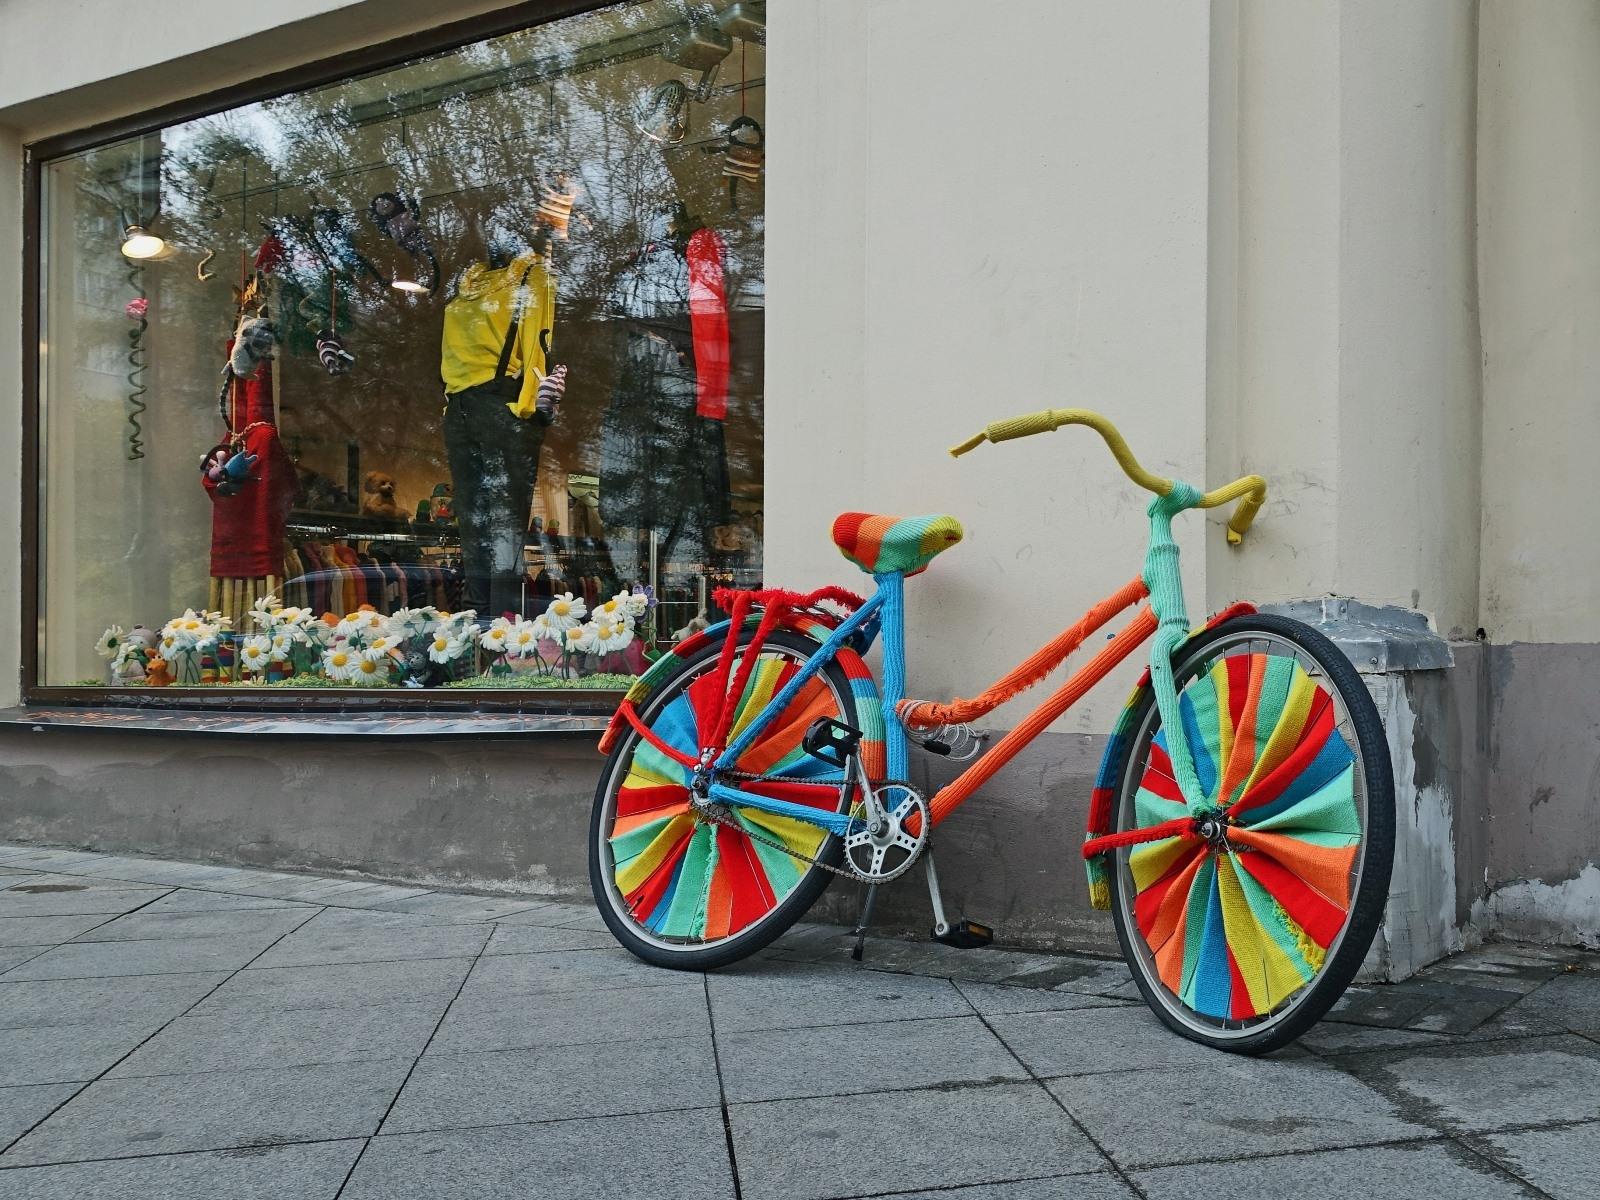 несложившиеся украшенный велосипед картинки крупный